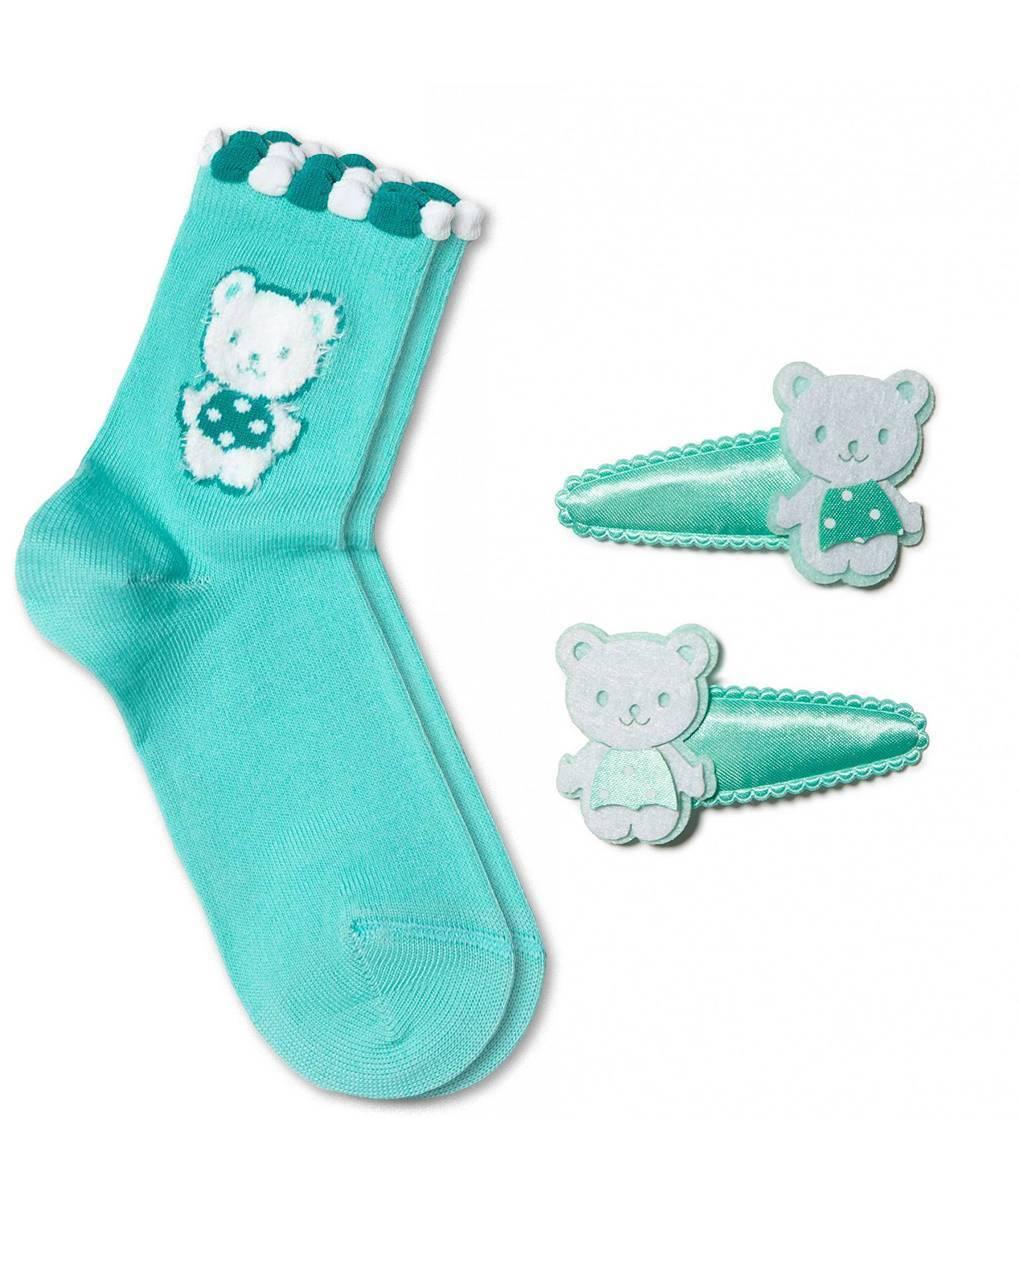 Носки детские ⭐️ Хлопковые носки TIP-TOP с заколками для волос ⭐️